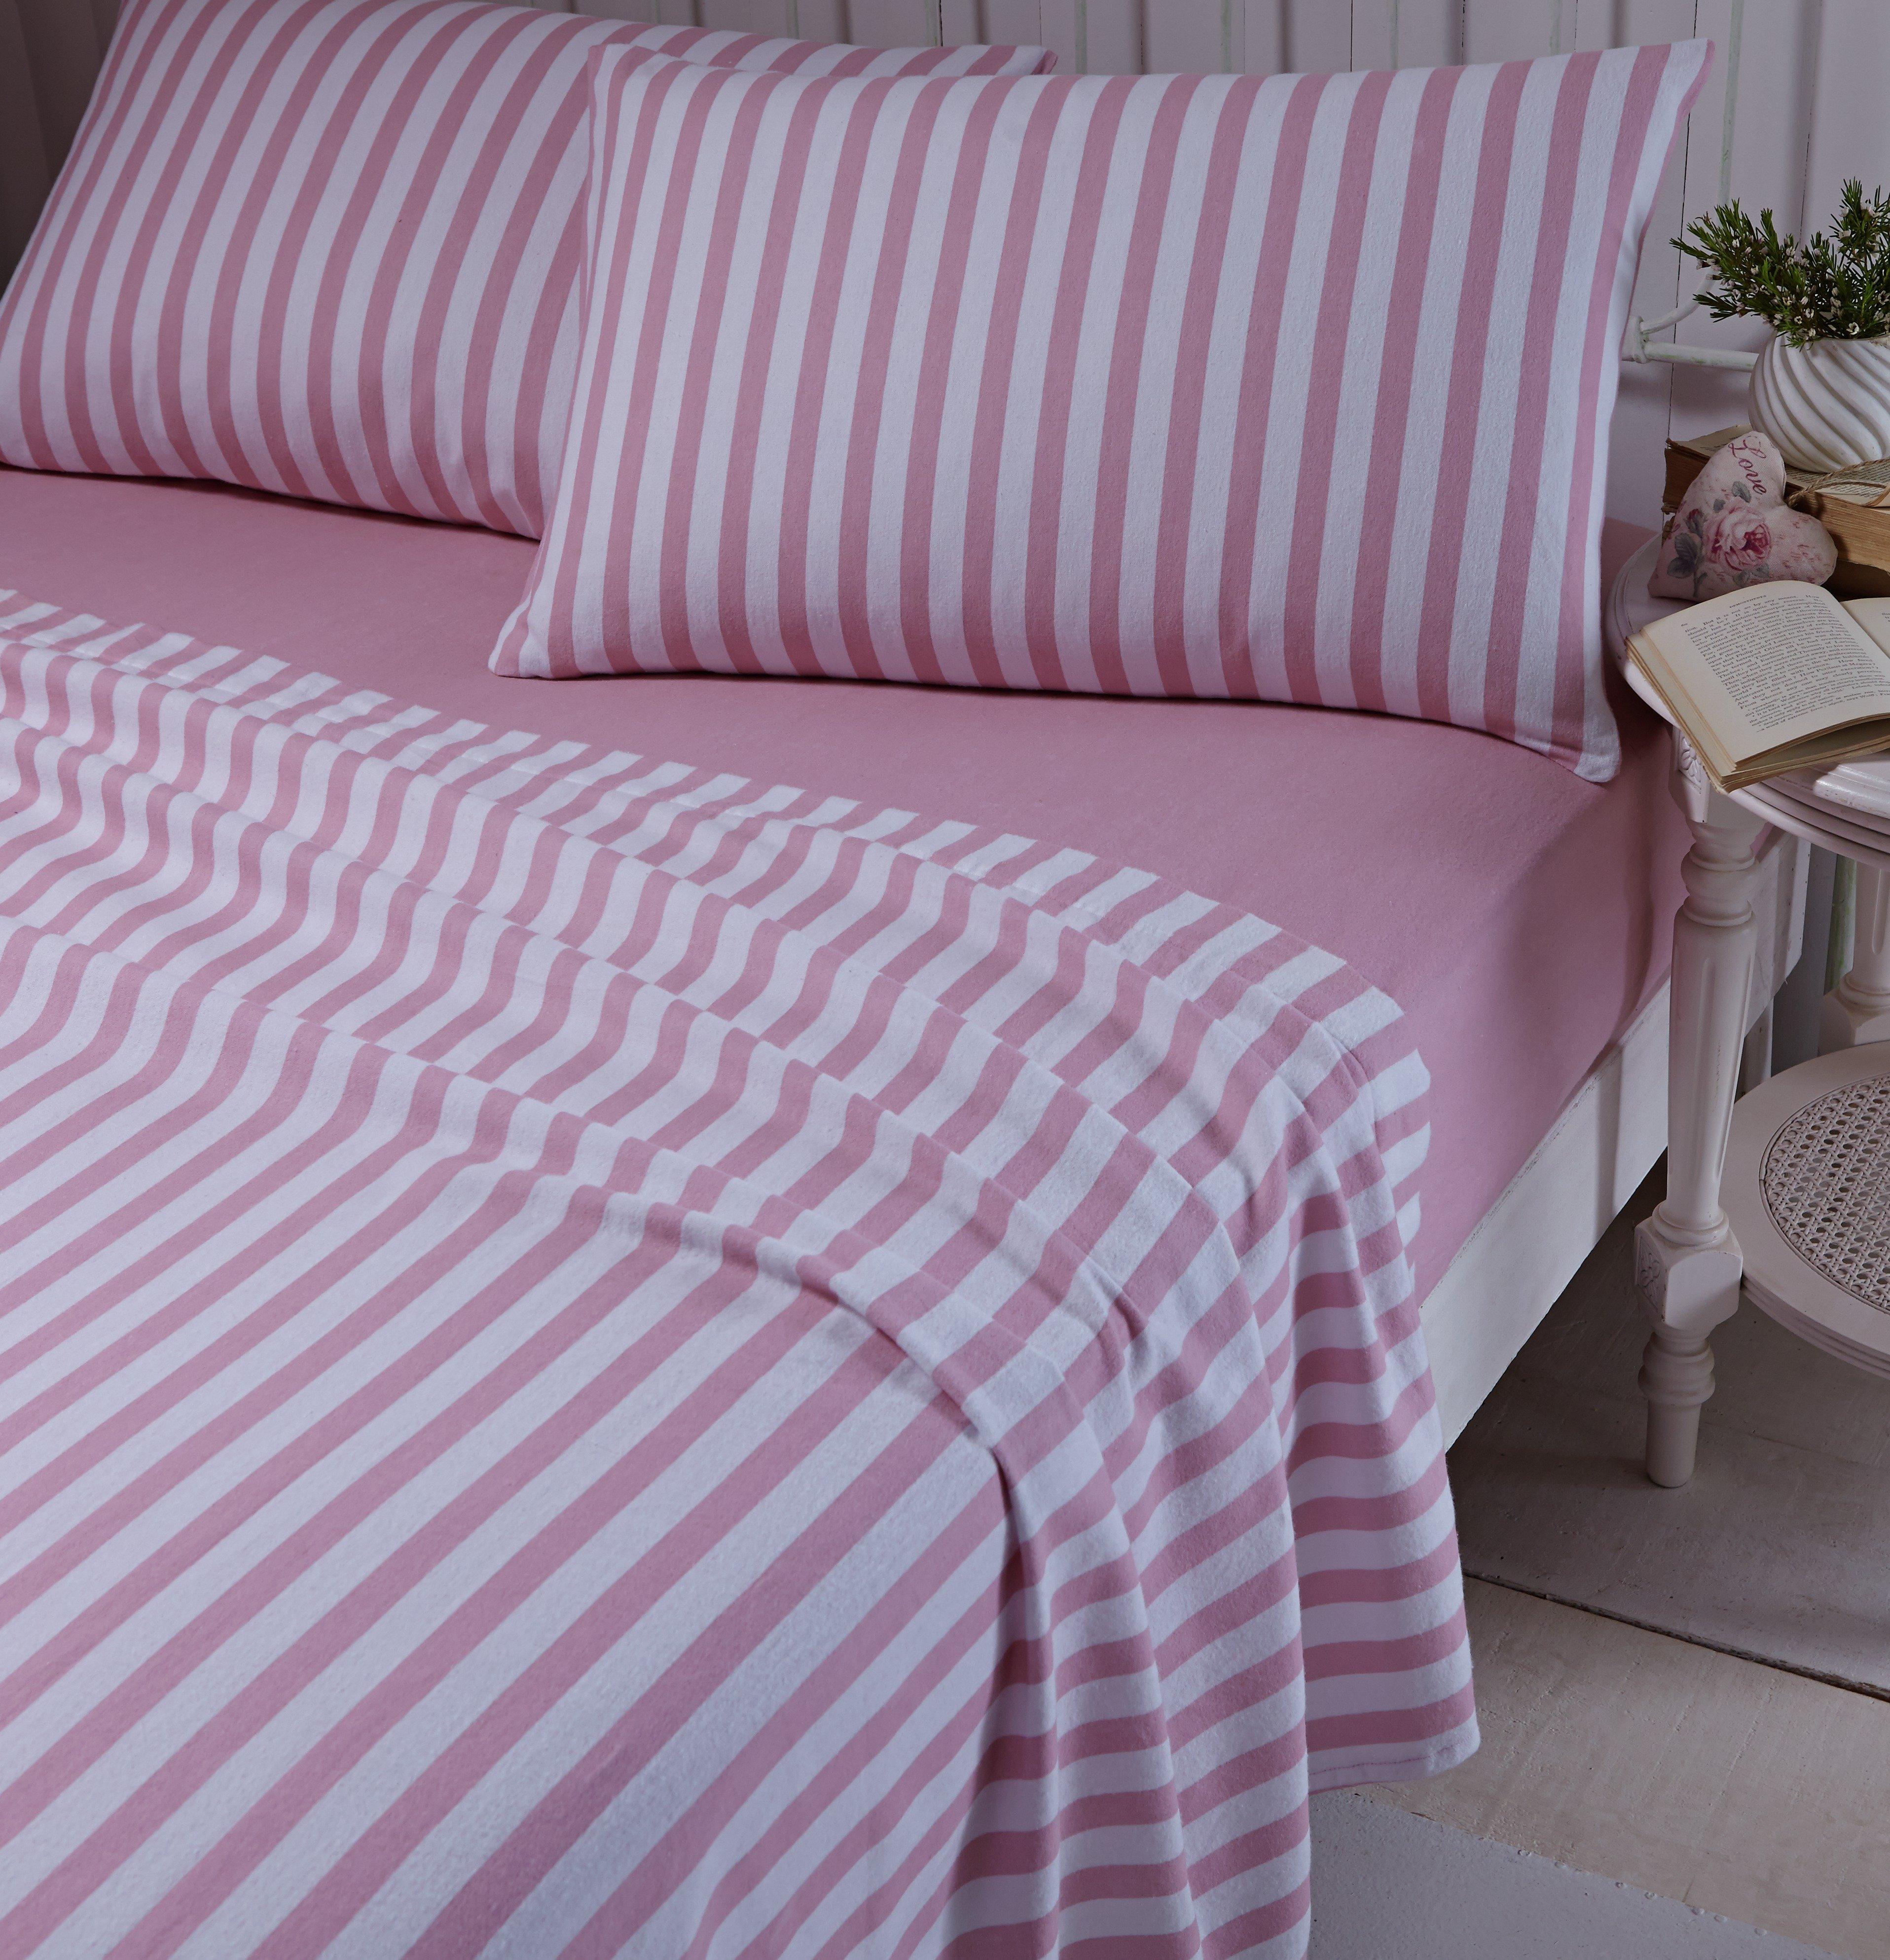 catherine lansfield pink brushed stripe sheet set  single.